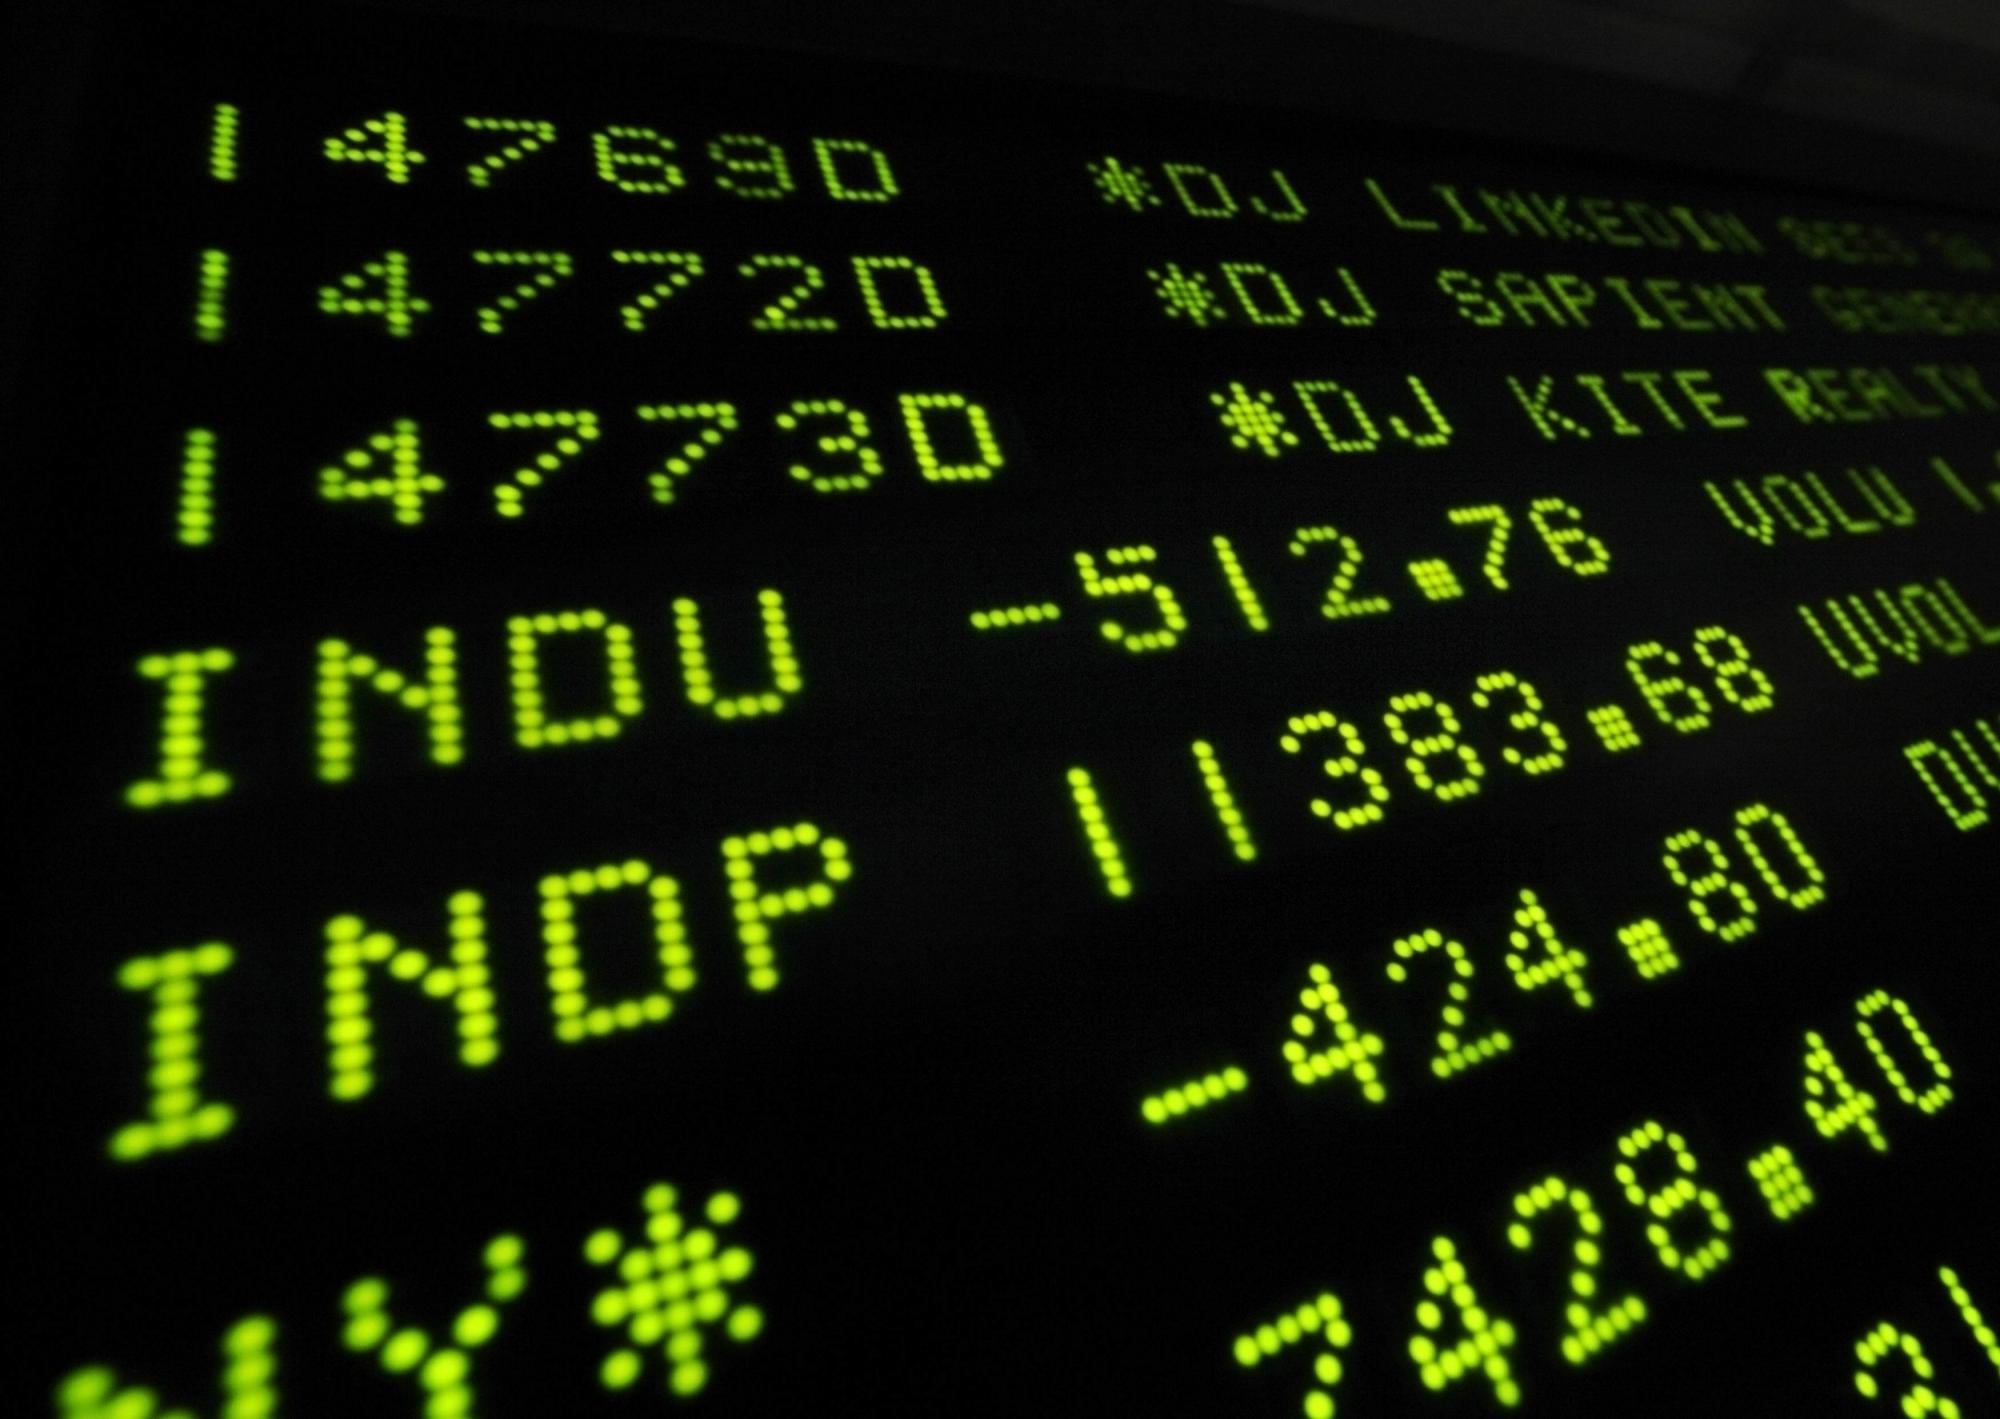 道琼斯指数大跌513点,创造了自从2008年金融危机以来的最差纪录